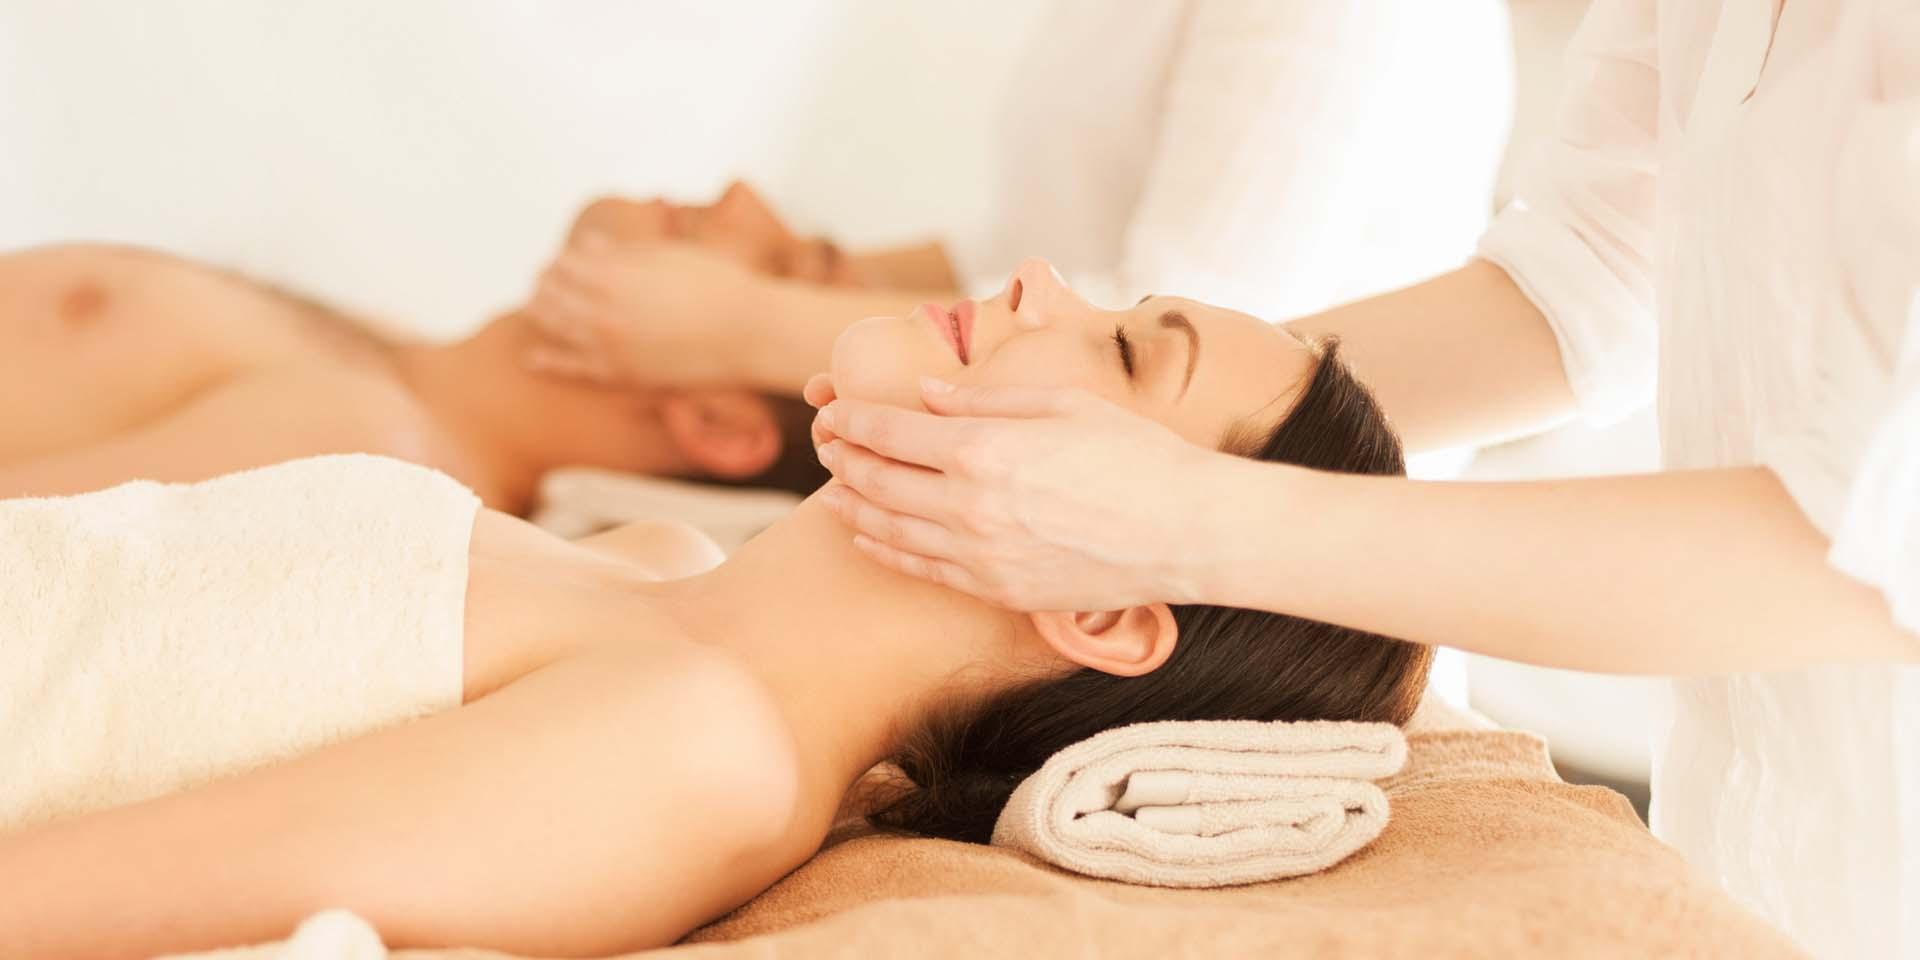 Woman getting a massage.